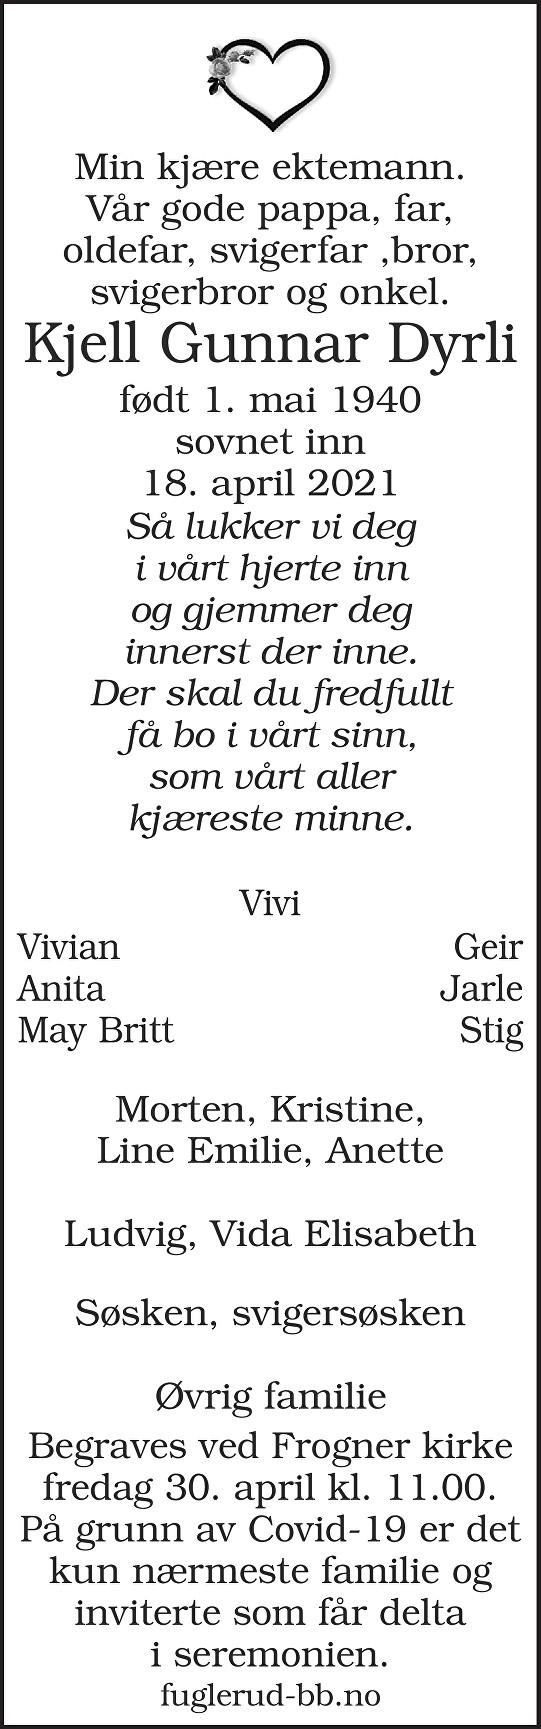 Kjell Gunnar Dyrli Dødsannonse